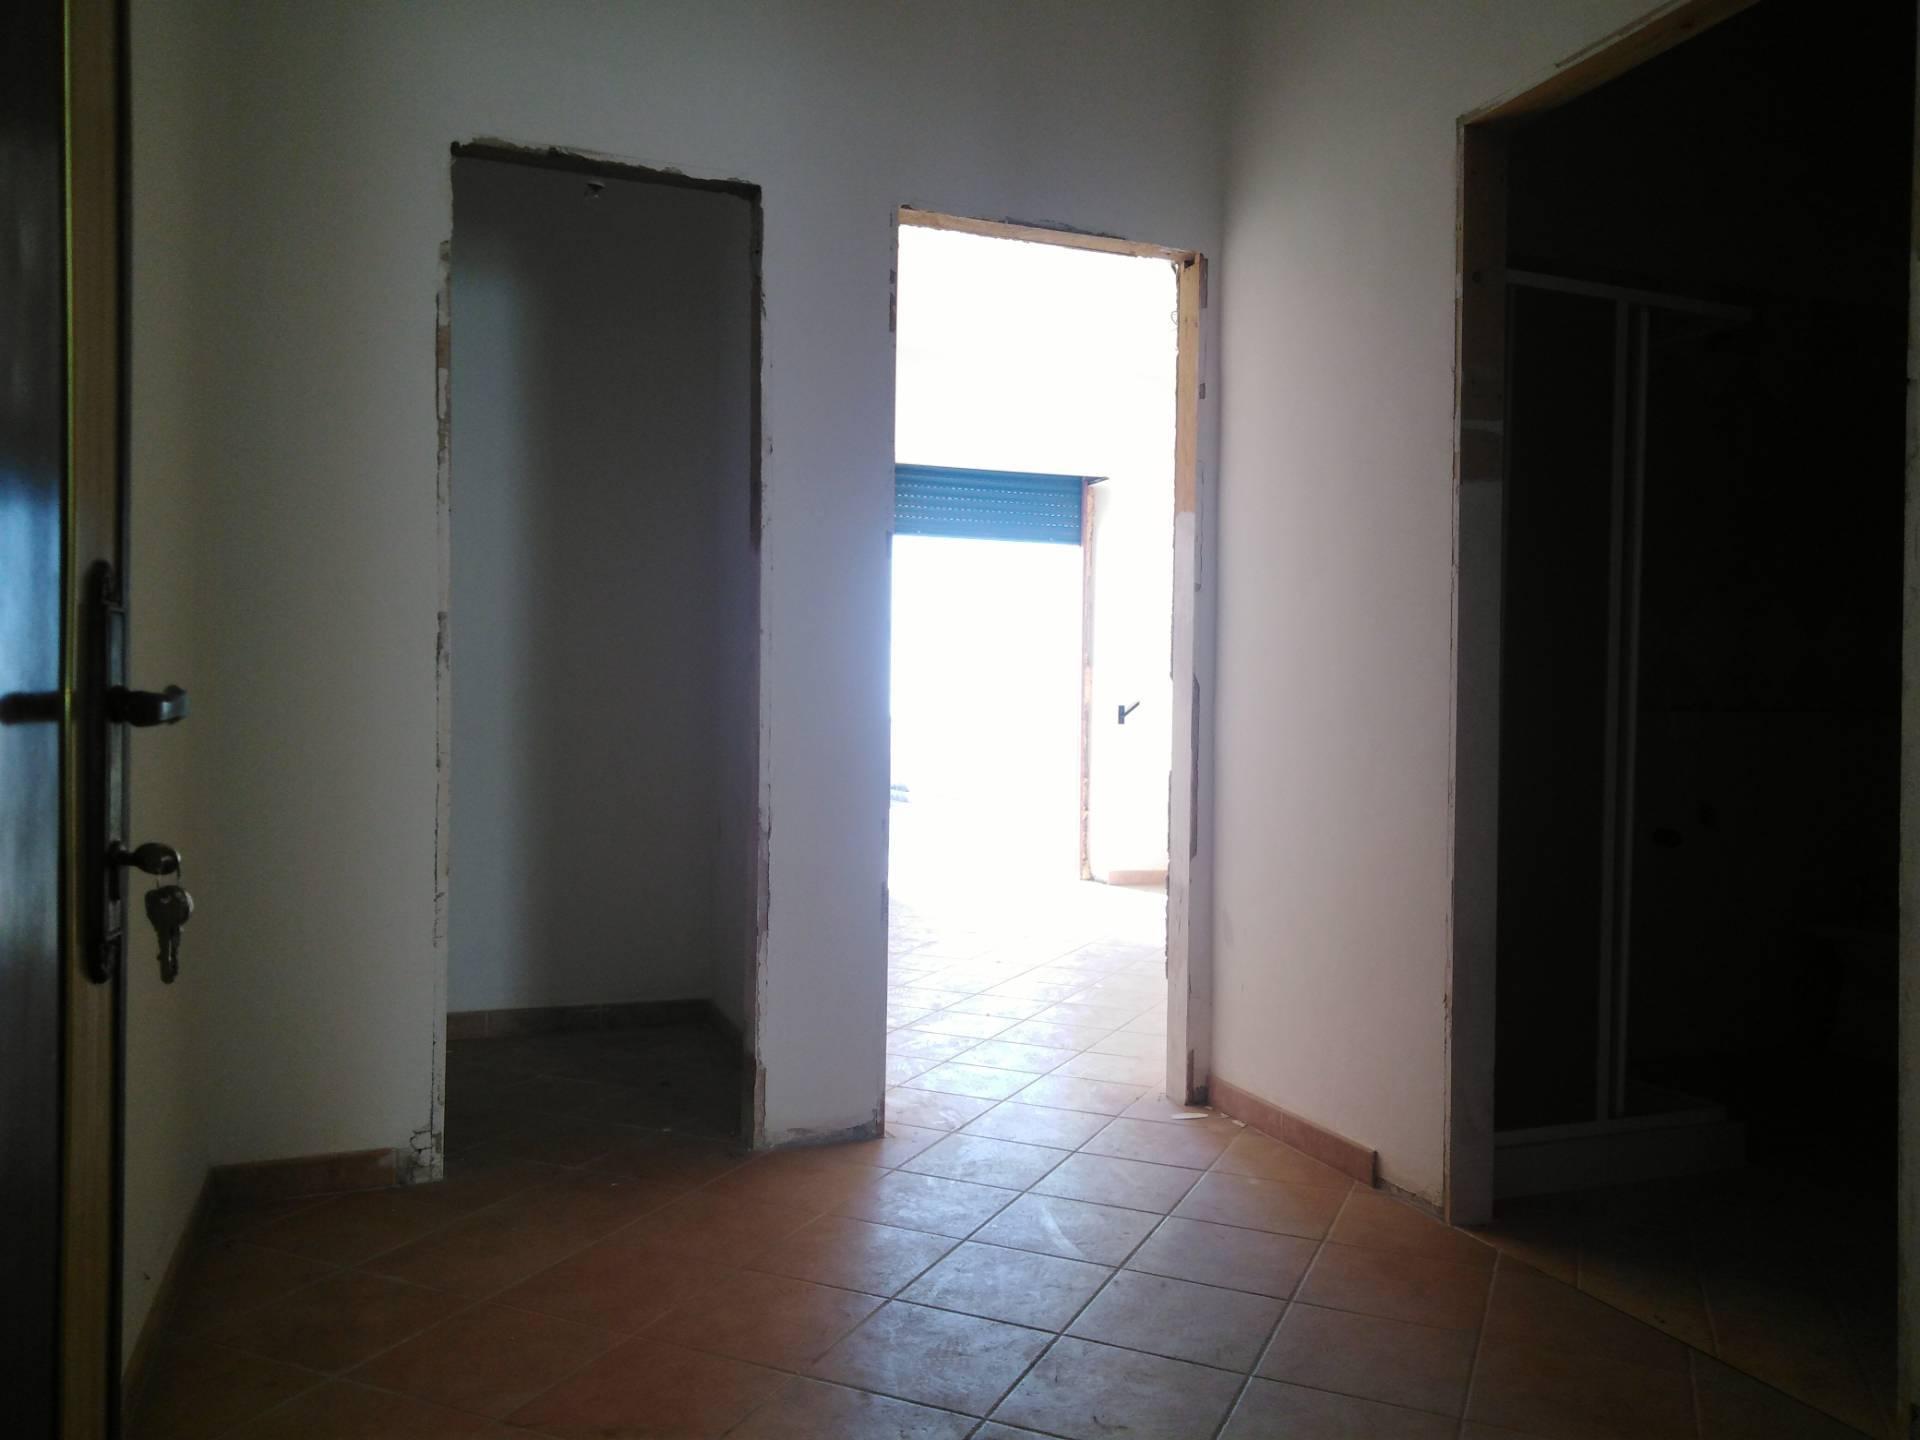 Appartamento in vendita a Ischitella, 4 locali, zona Località: ViaperRodieGrottadellaMadonna, prezzo € 58.000 | PortaleAgenzieImmobiliari.it